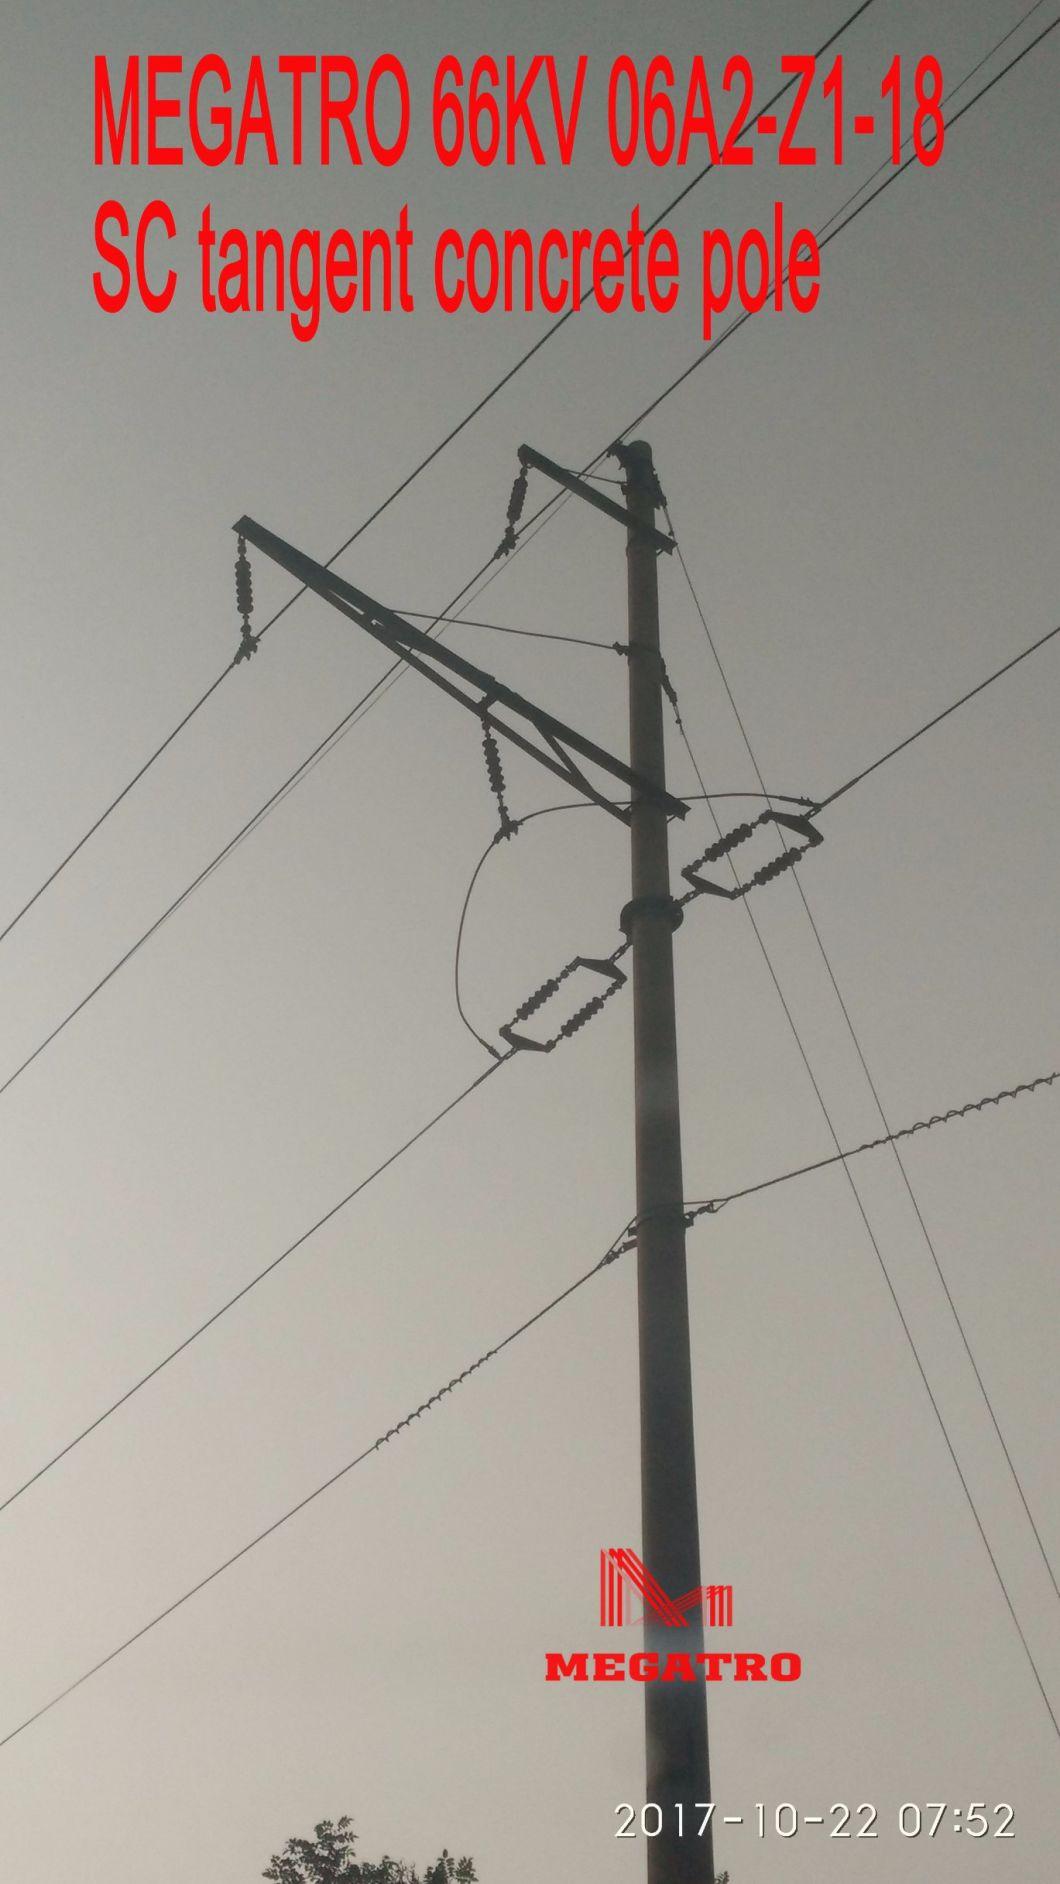 Megatro 66kv 06A2-Z1-18 Sc Tangent Concrete Pole